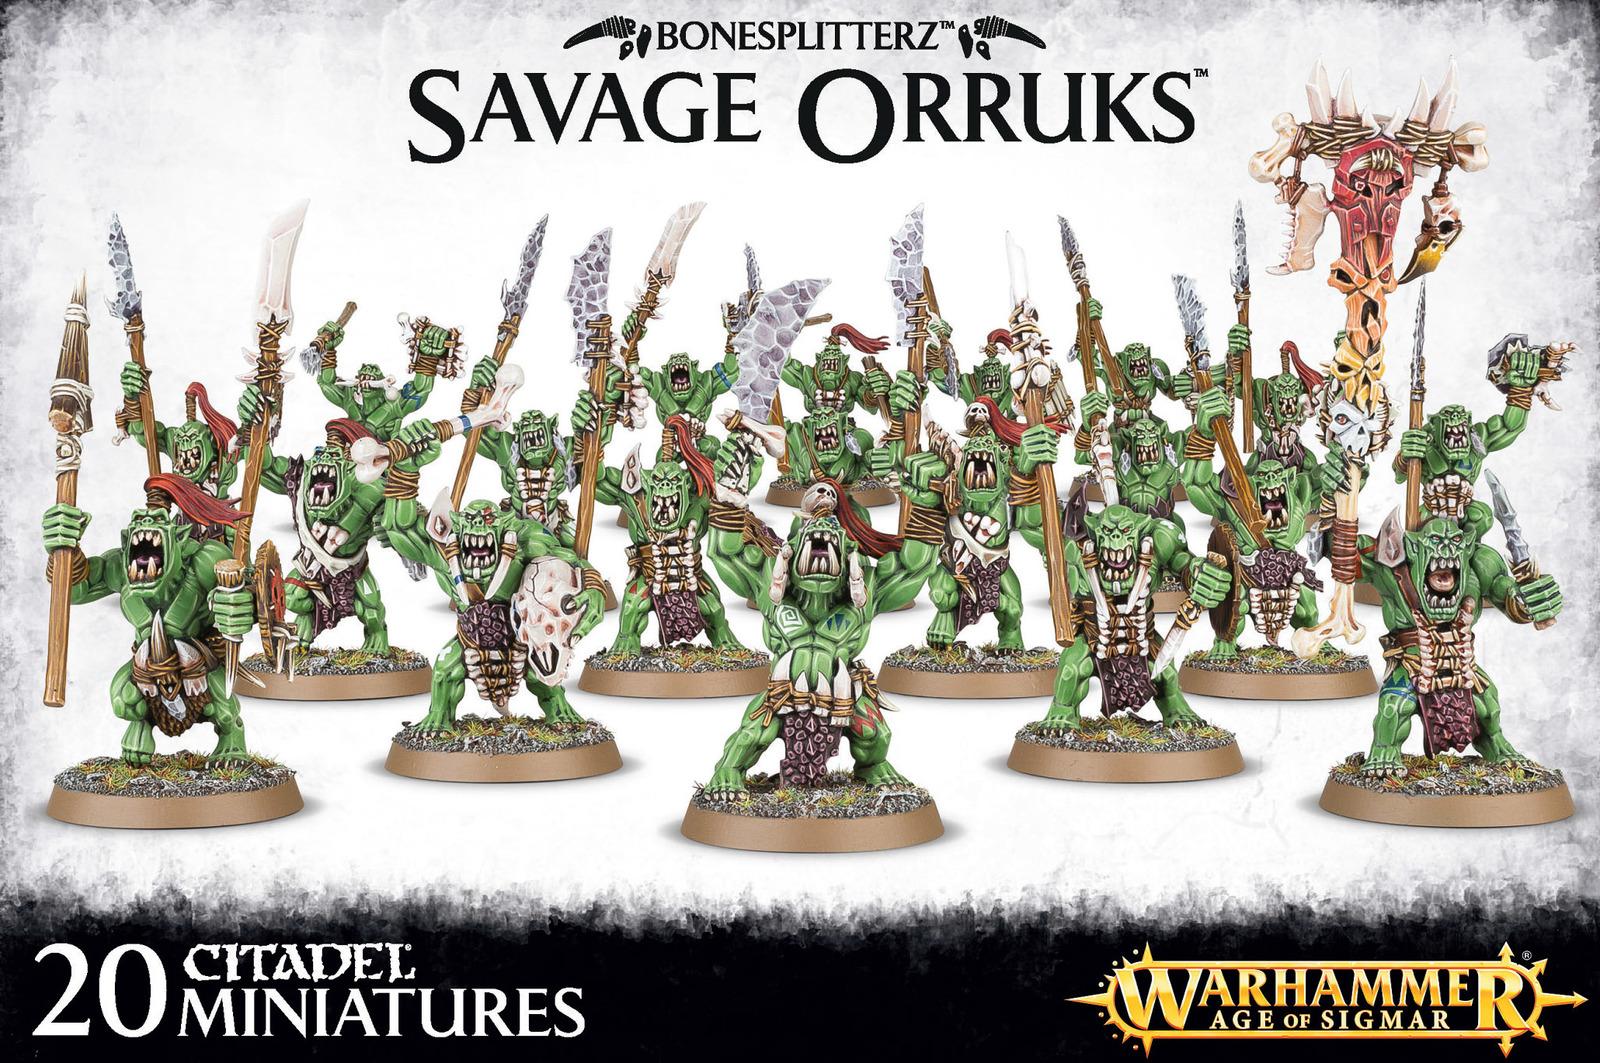 Bonesplitterz Savage Orruks image